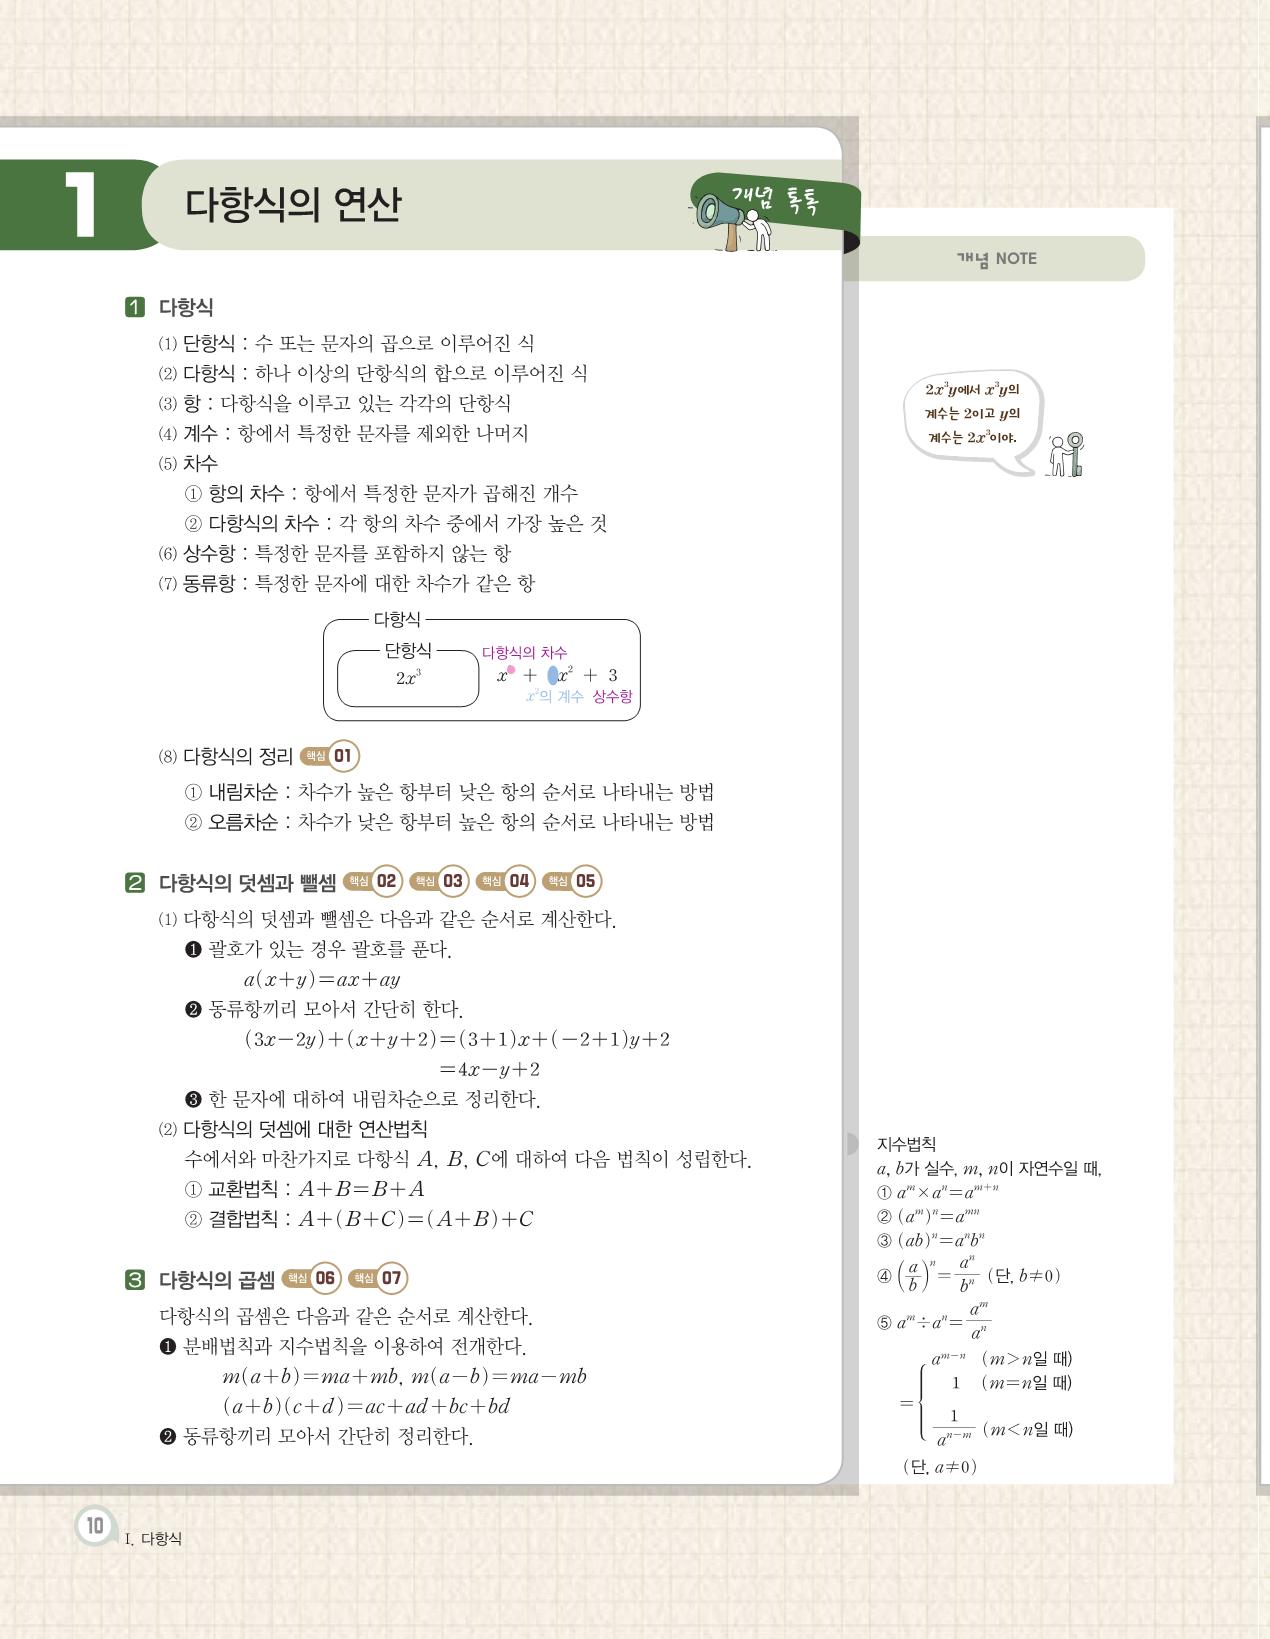 스타트업 고등수학(상)_optimize12.png